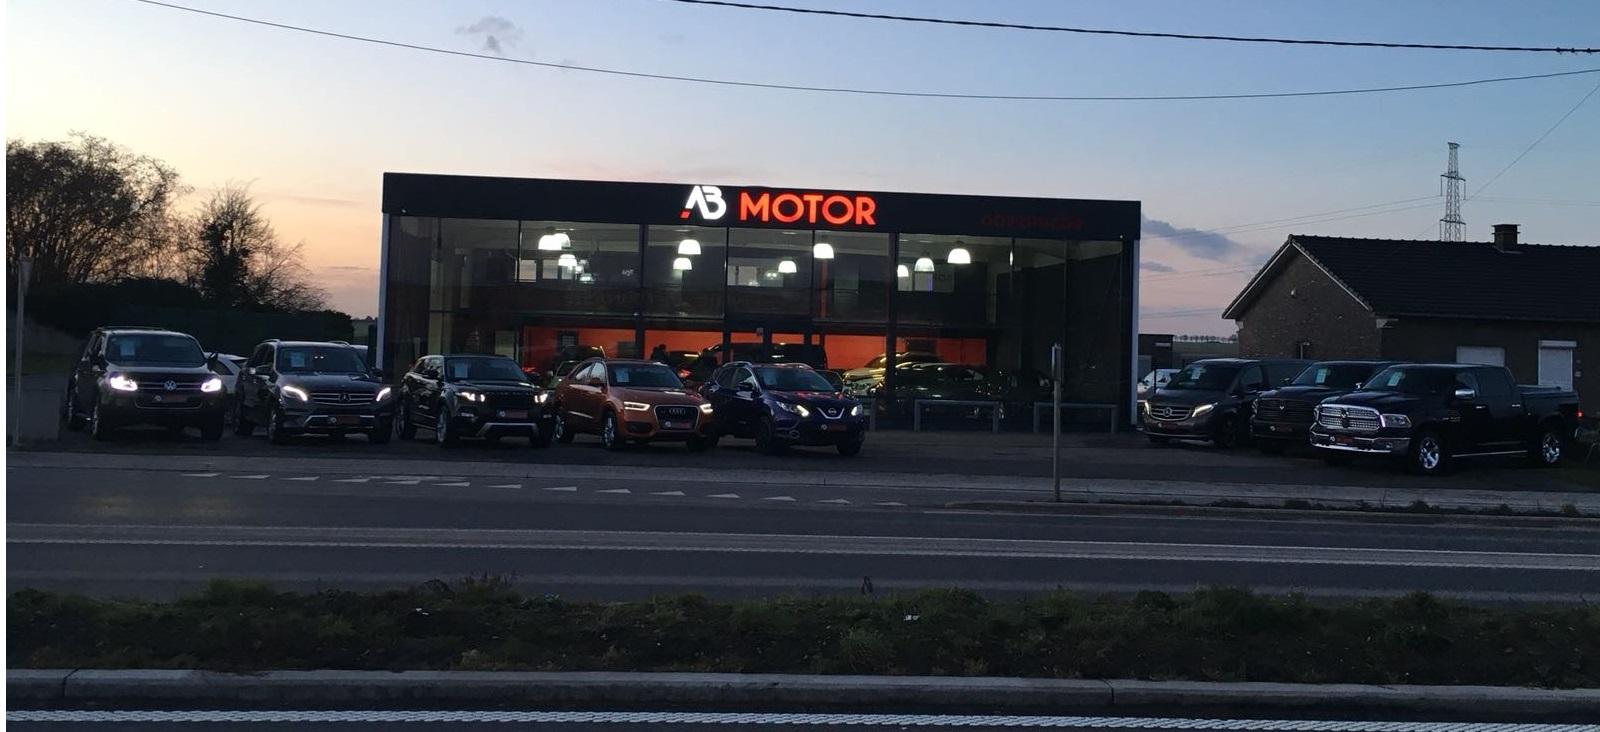 Bienvenue chez AB Motor. Previous Next